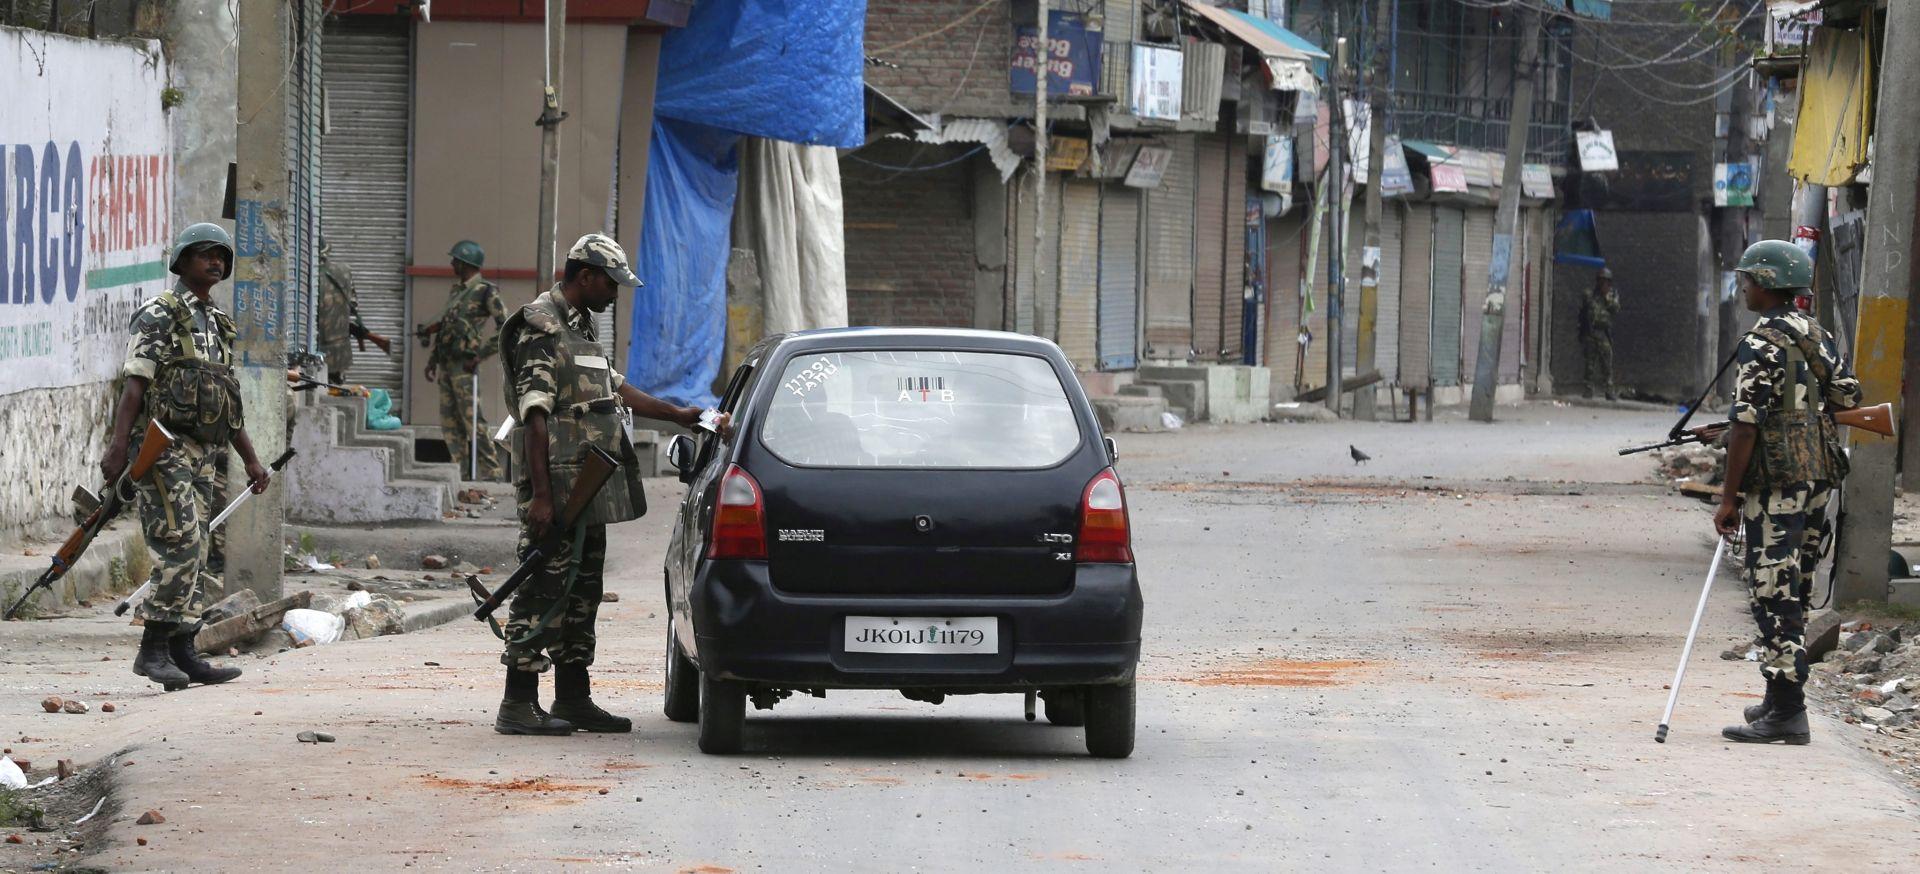 SMRT PRIPADNIKA KASTE NEDODIRLJIVIH: Suspendirano 14 indijskih policajaca